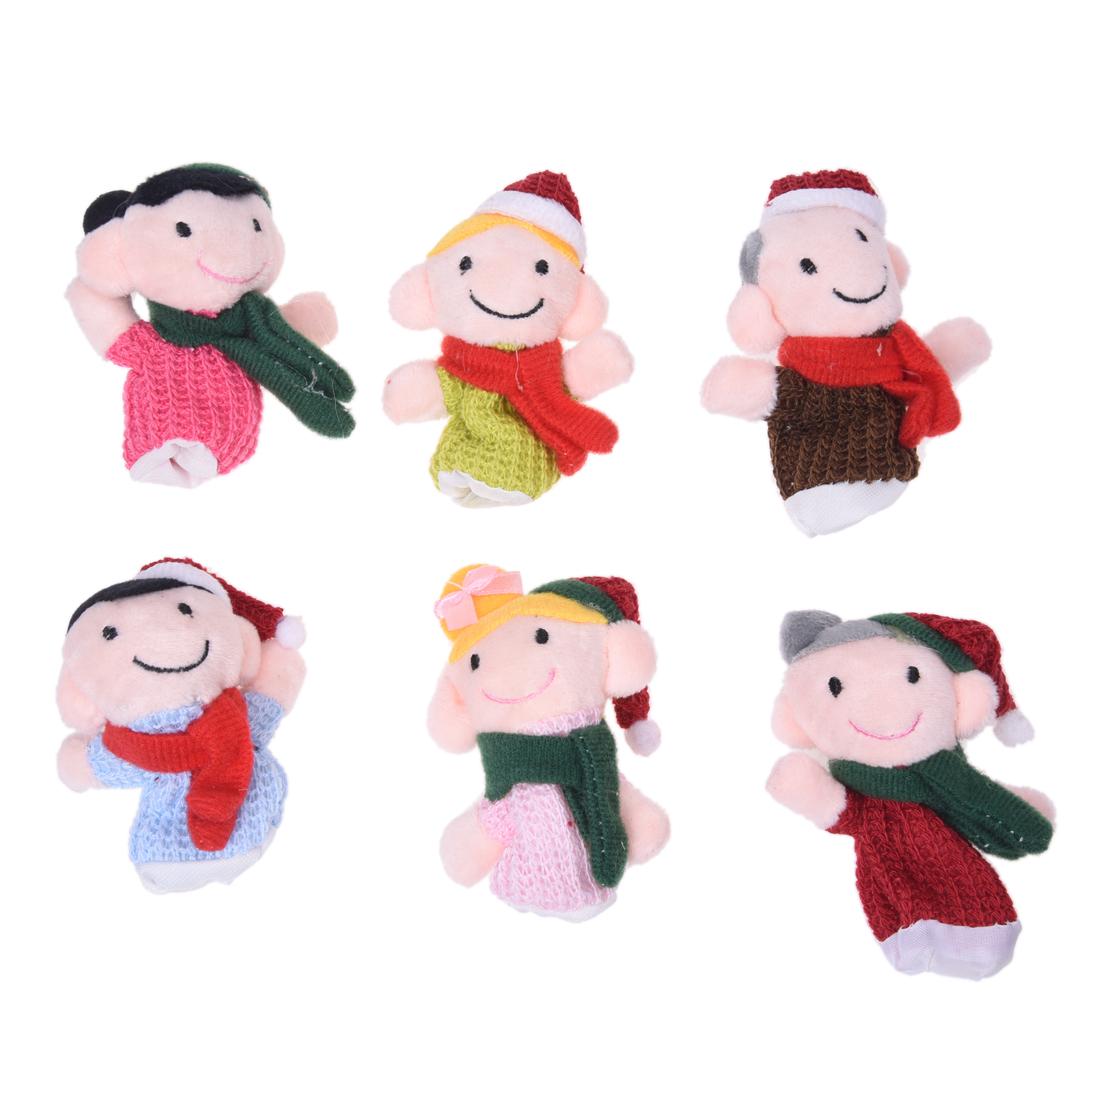 [해외]MACH 손가락 인형 / 인형 / 완구 이야기하는 소품 / 도구 장난감 모델 아기 / 어린이 / 어린이 완구/MACH Finger Puppet/Dolls/Toys Story-telling Props/Tools Toy Model Babies/Kids/Childre